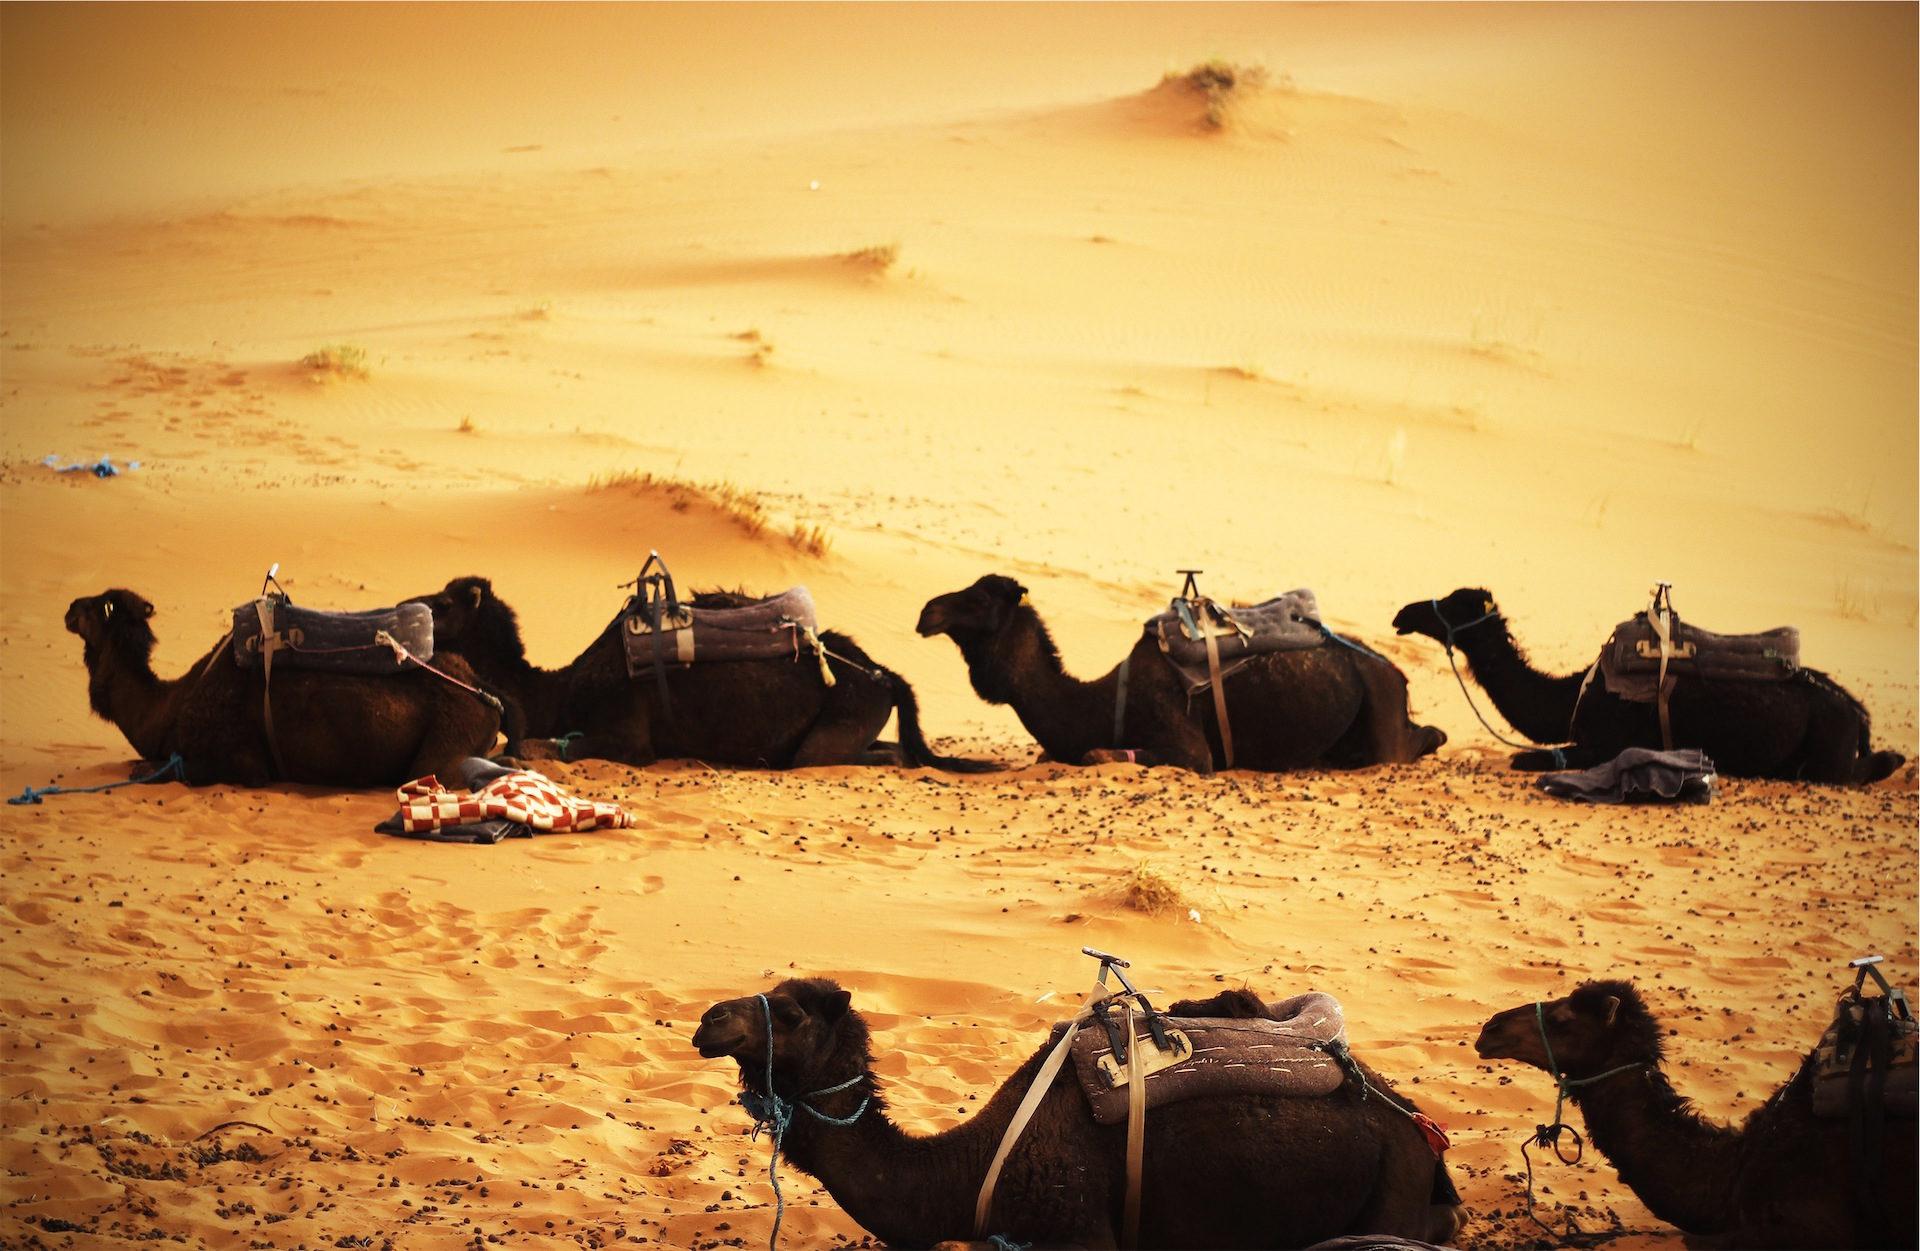 καμήλες, Έρημοι, Δρομάδων, Άμμος, αφιλόξενη - Wallpapers HD - Professor-falken.com